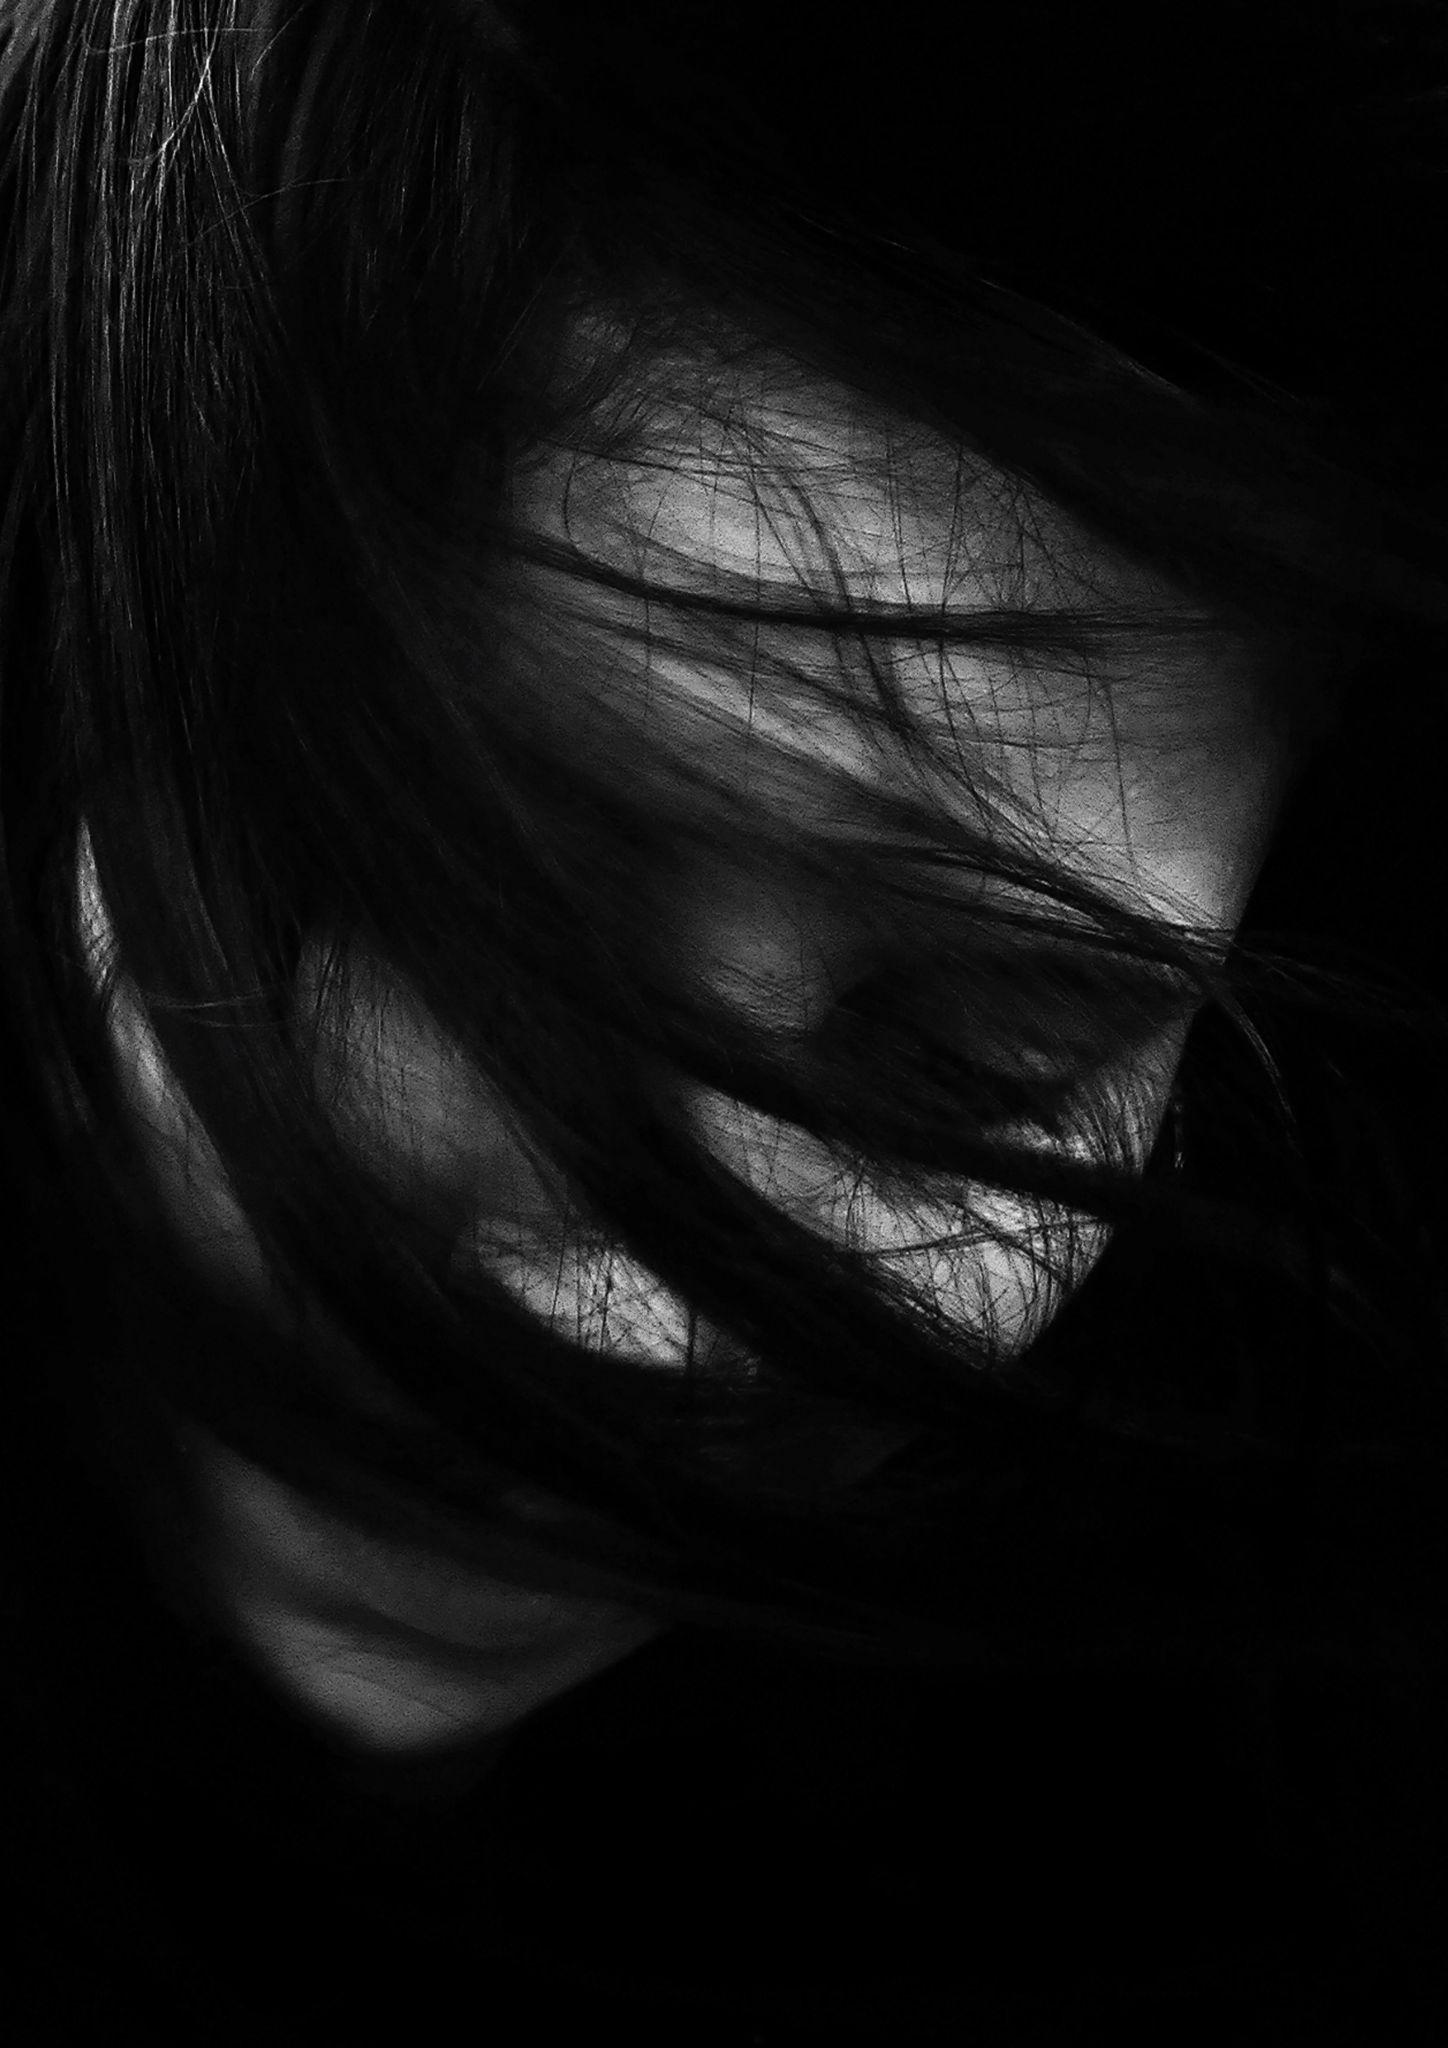 The hidden face  by Badr Pedro